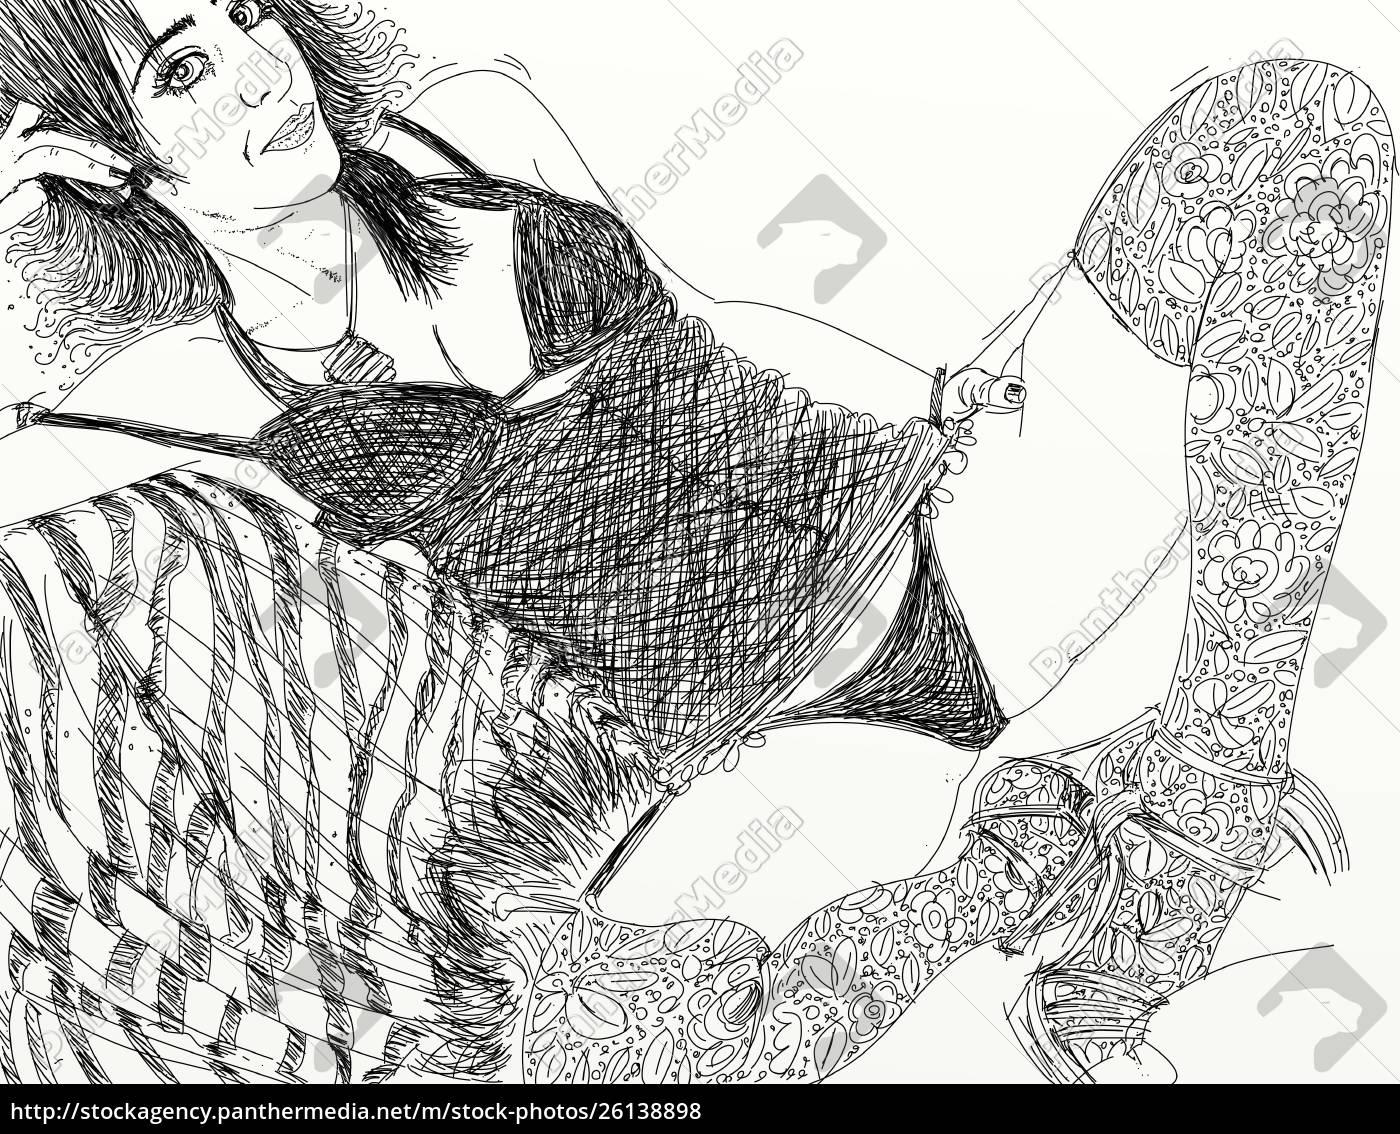 mujer, erótica, refinada, y, sensual, línea, diseñada - 26138898